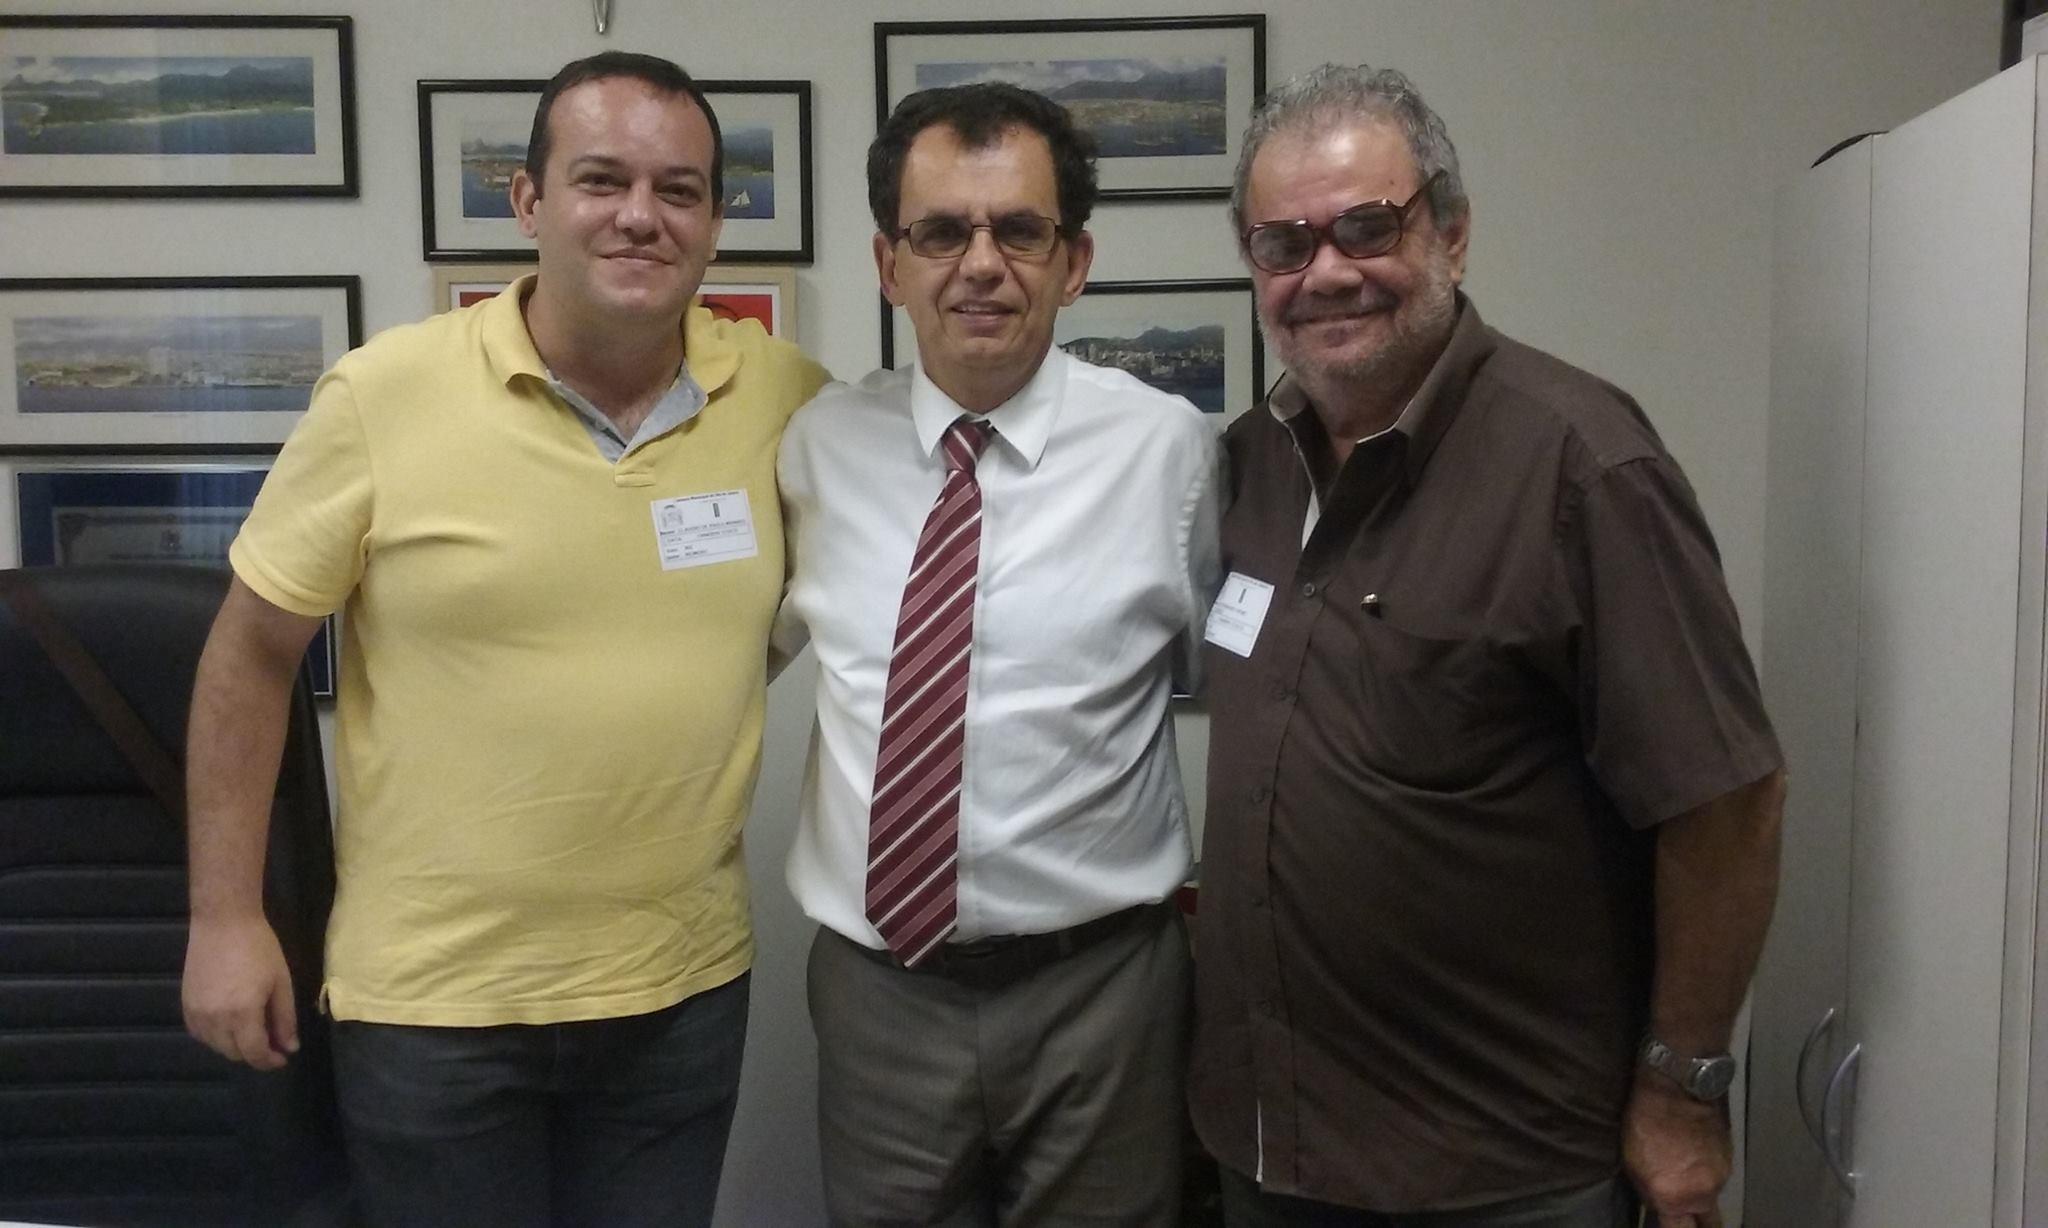 TR Claudio Manhães do Blog Radiologia RJ, Vereador Reimont (PT-RJ) do município do Rio e TR Luiz Thomé do STARERJ